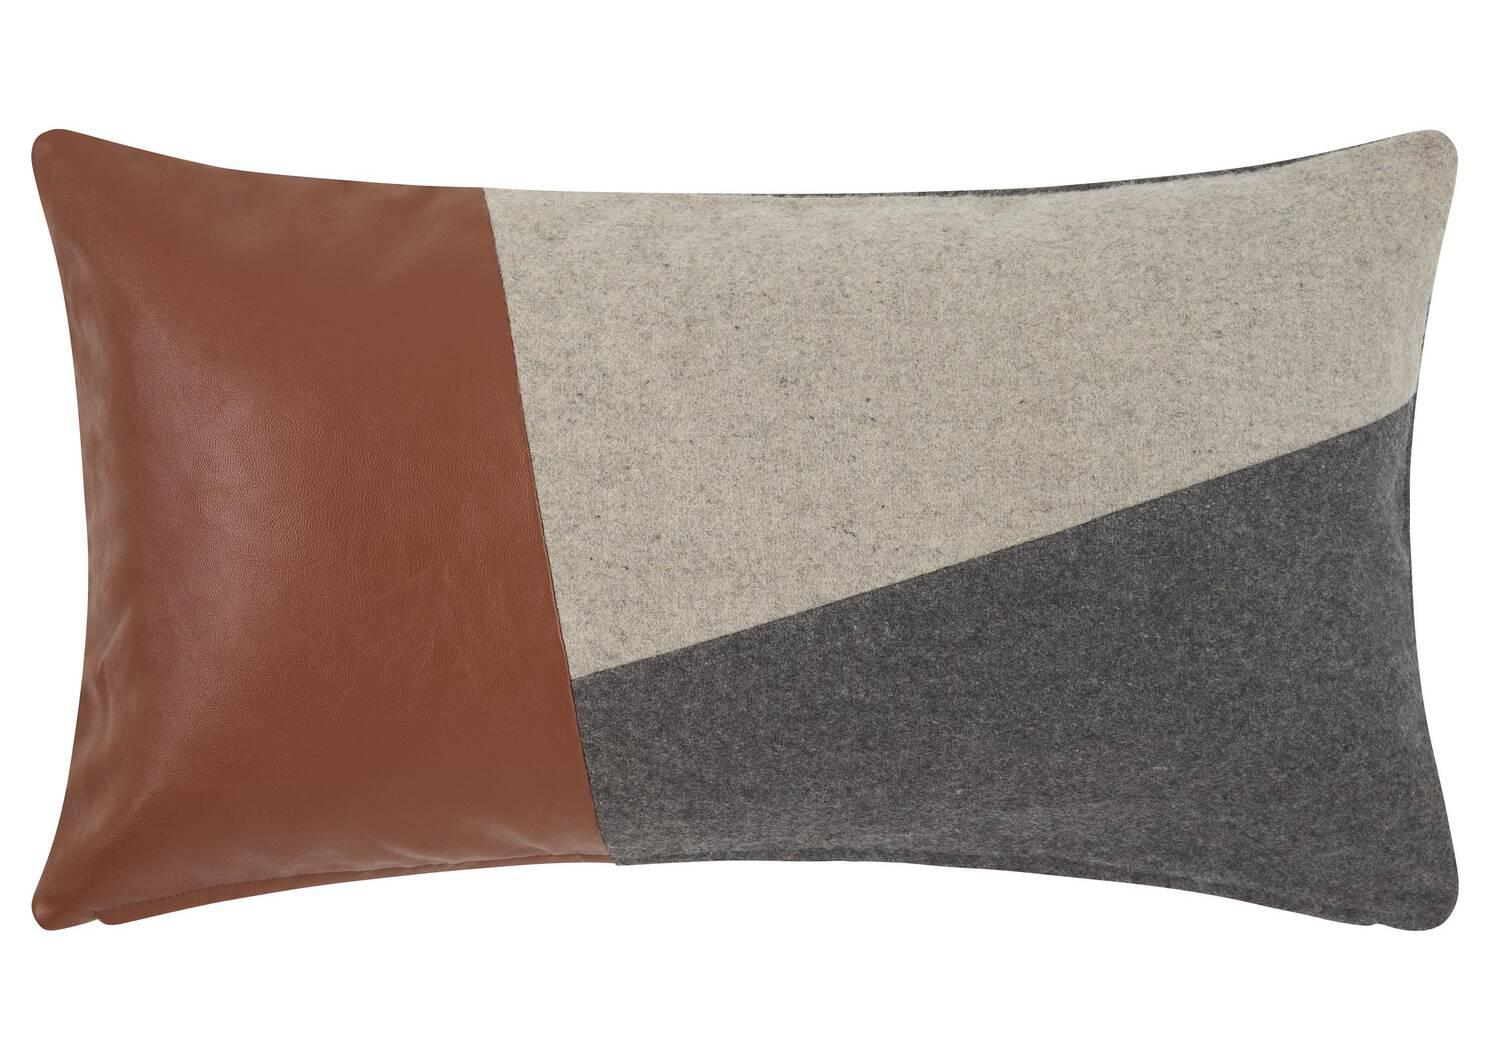 Coussin Delaney 12x22 gris/brun clair